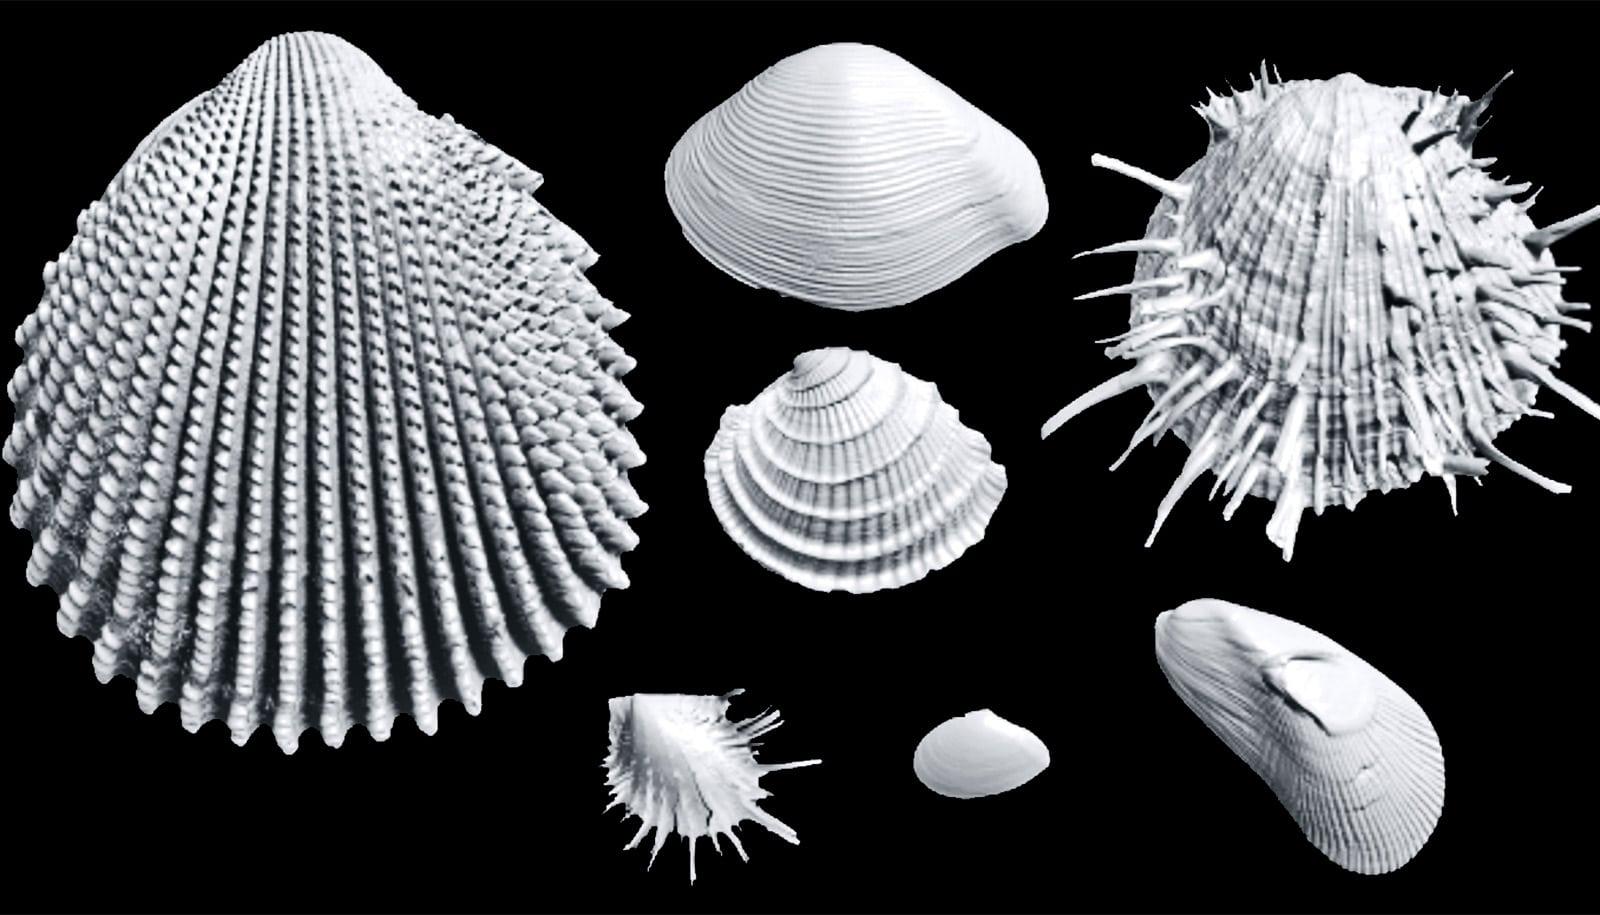 3D imaging reveals hidden history in old shells